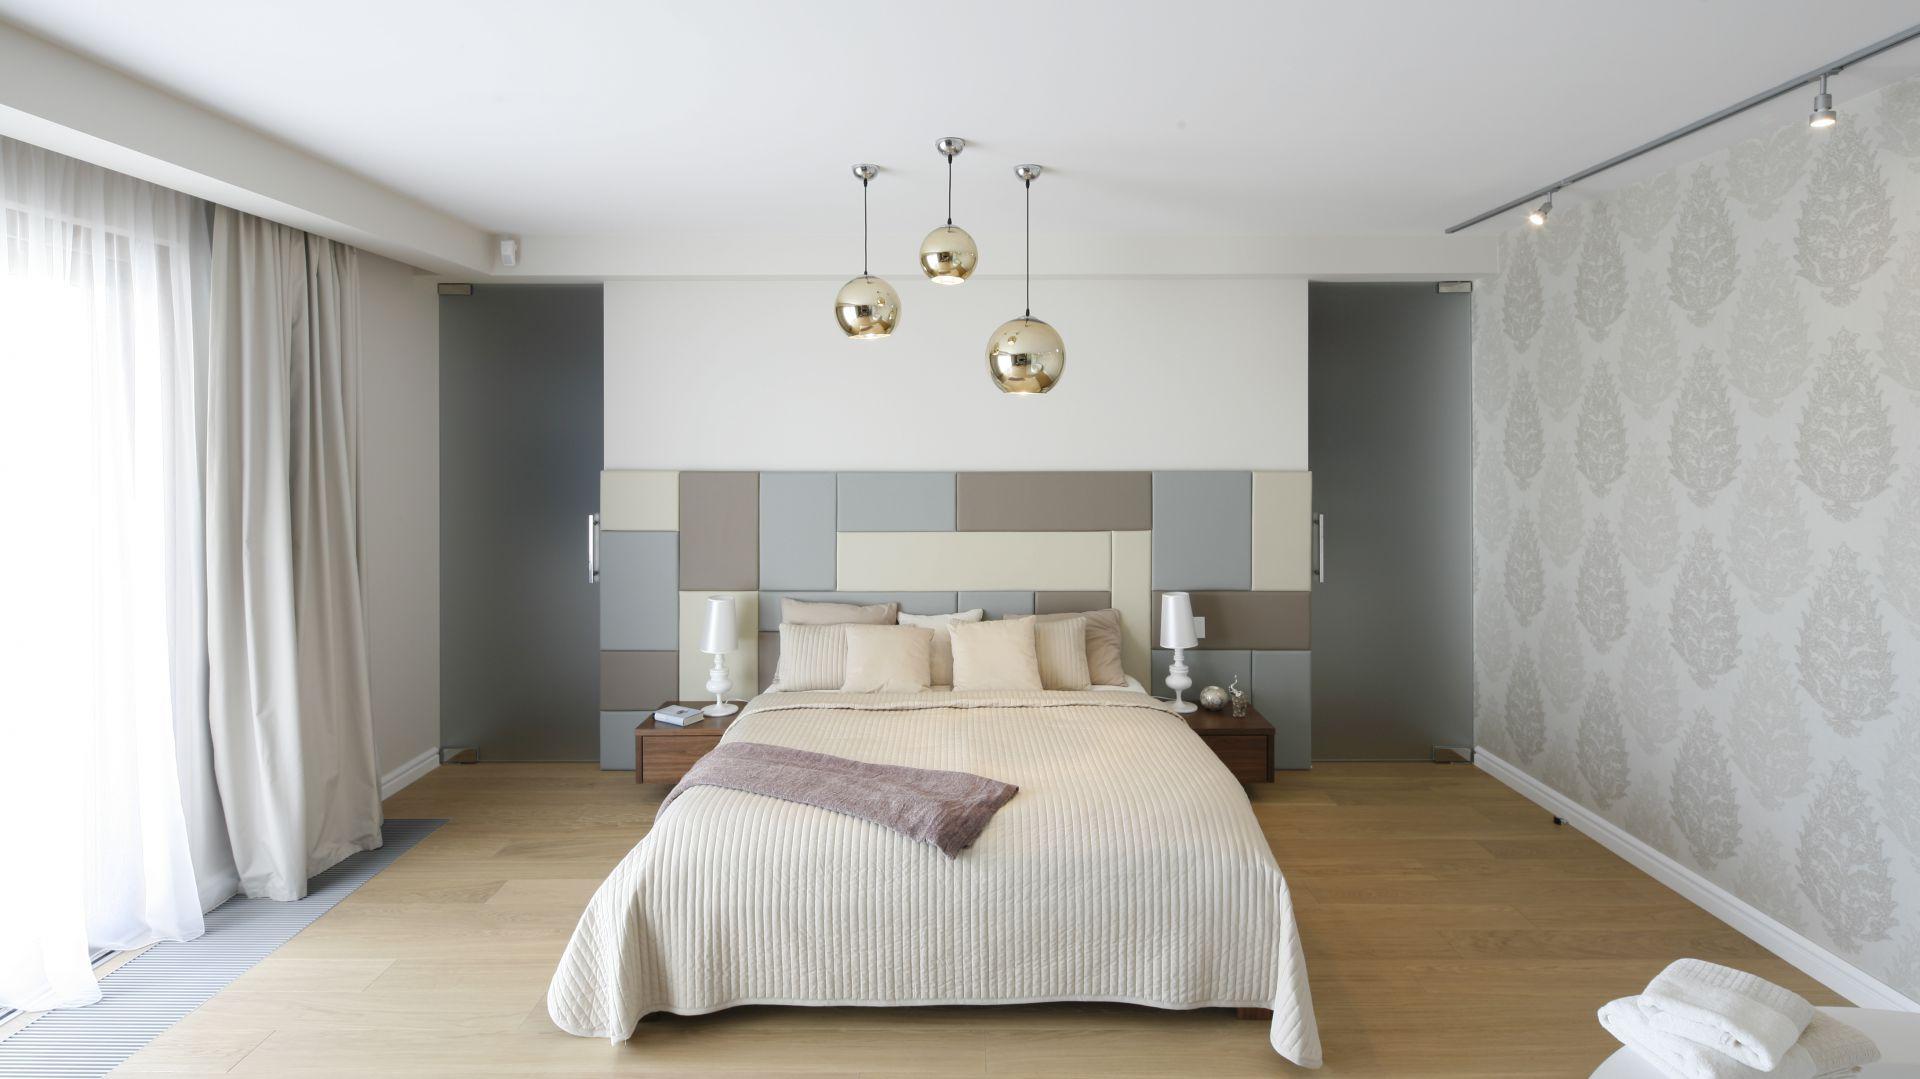 Sypialnia W Nowoczesnym Stylu Piękne Wnętrza Z Polskich Domów